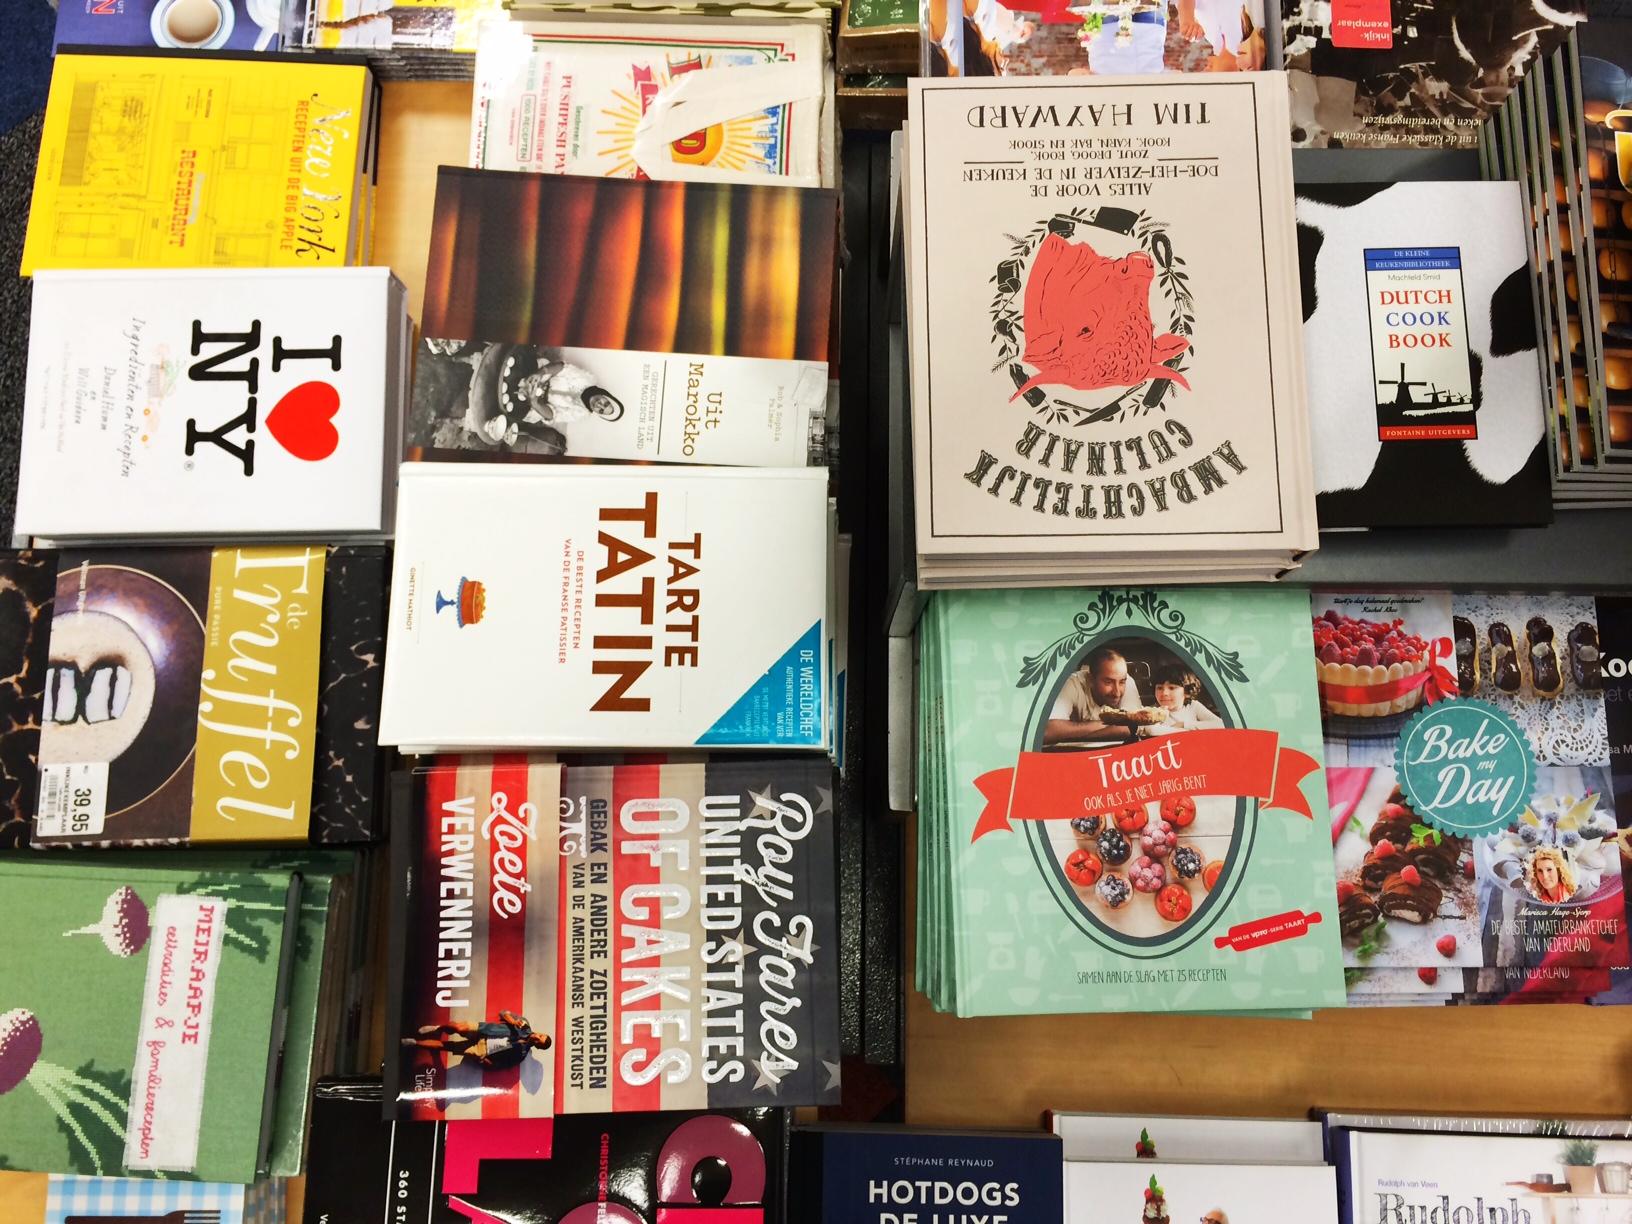 Donner Boekhandel Rotterdam